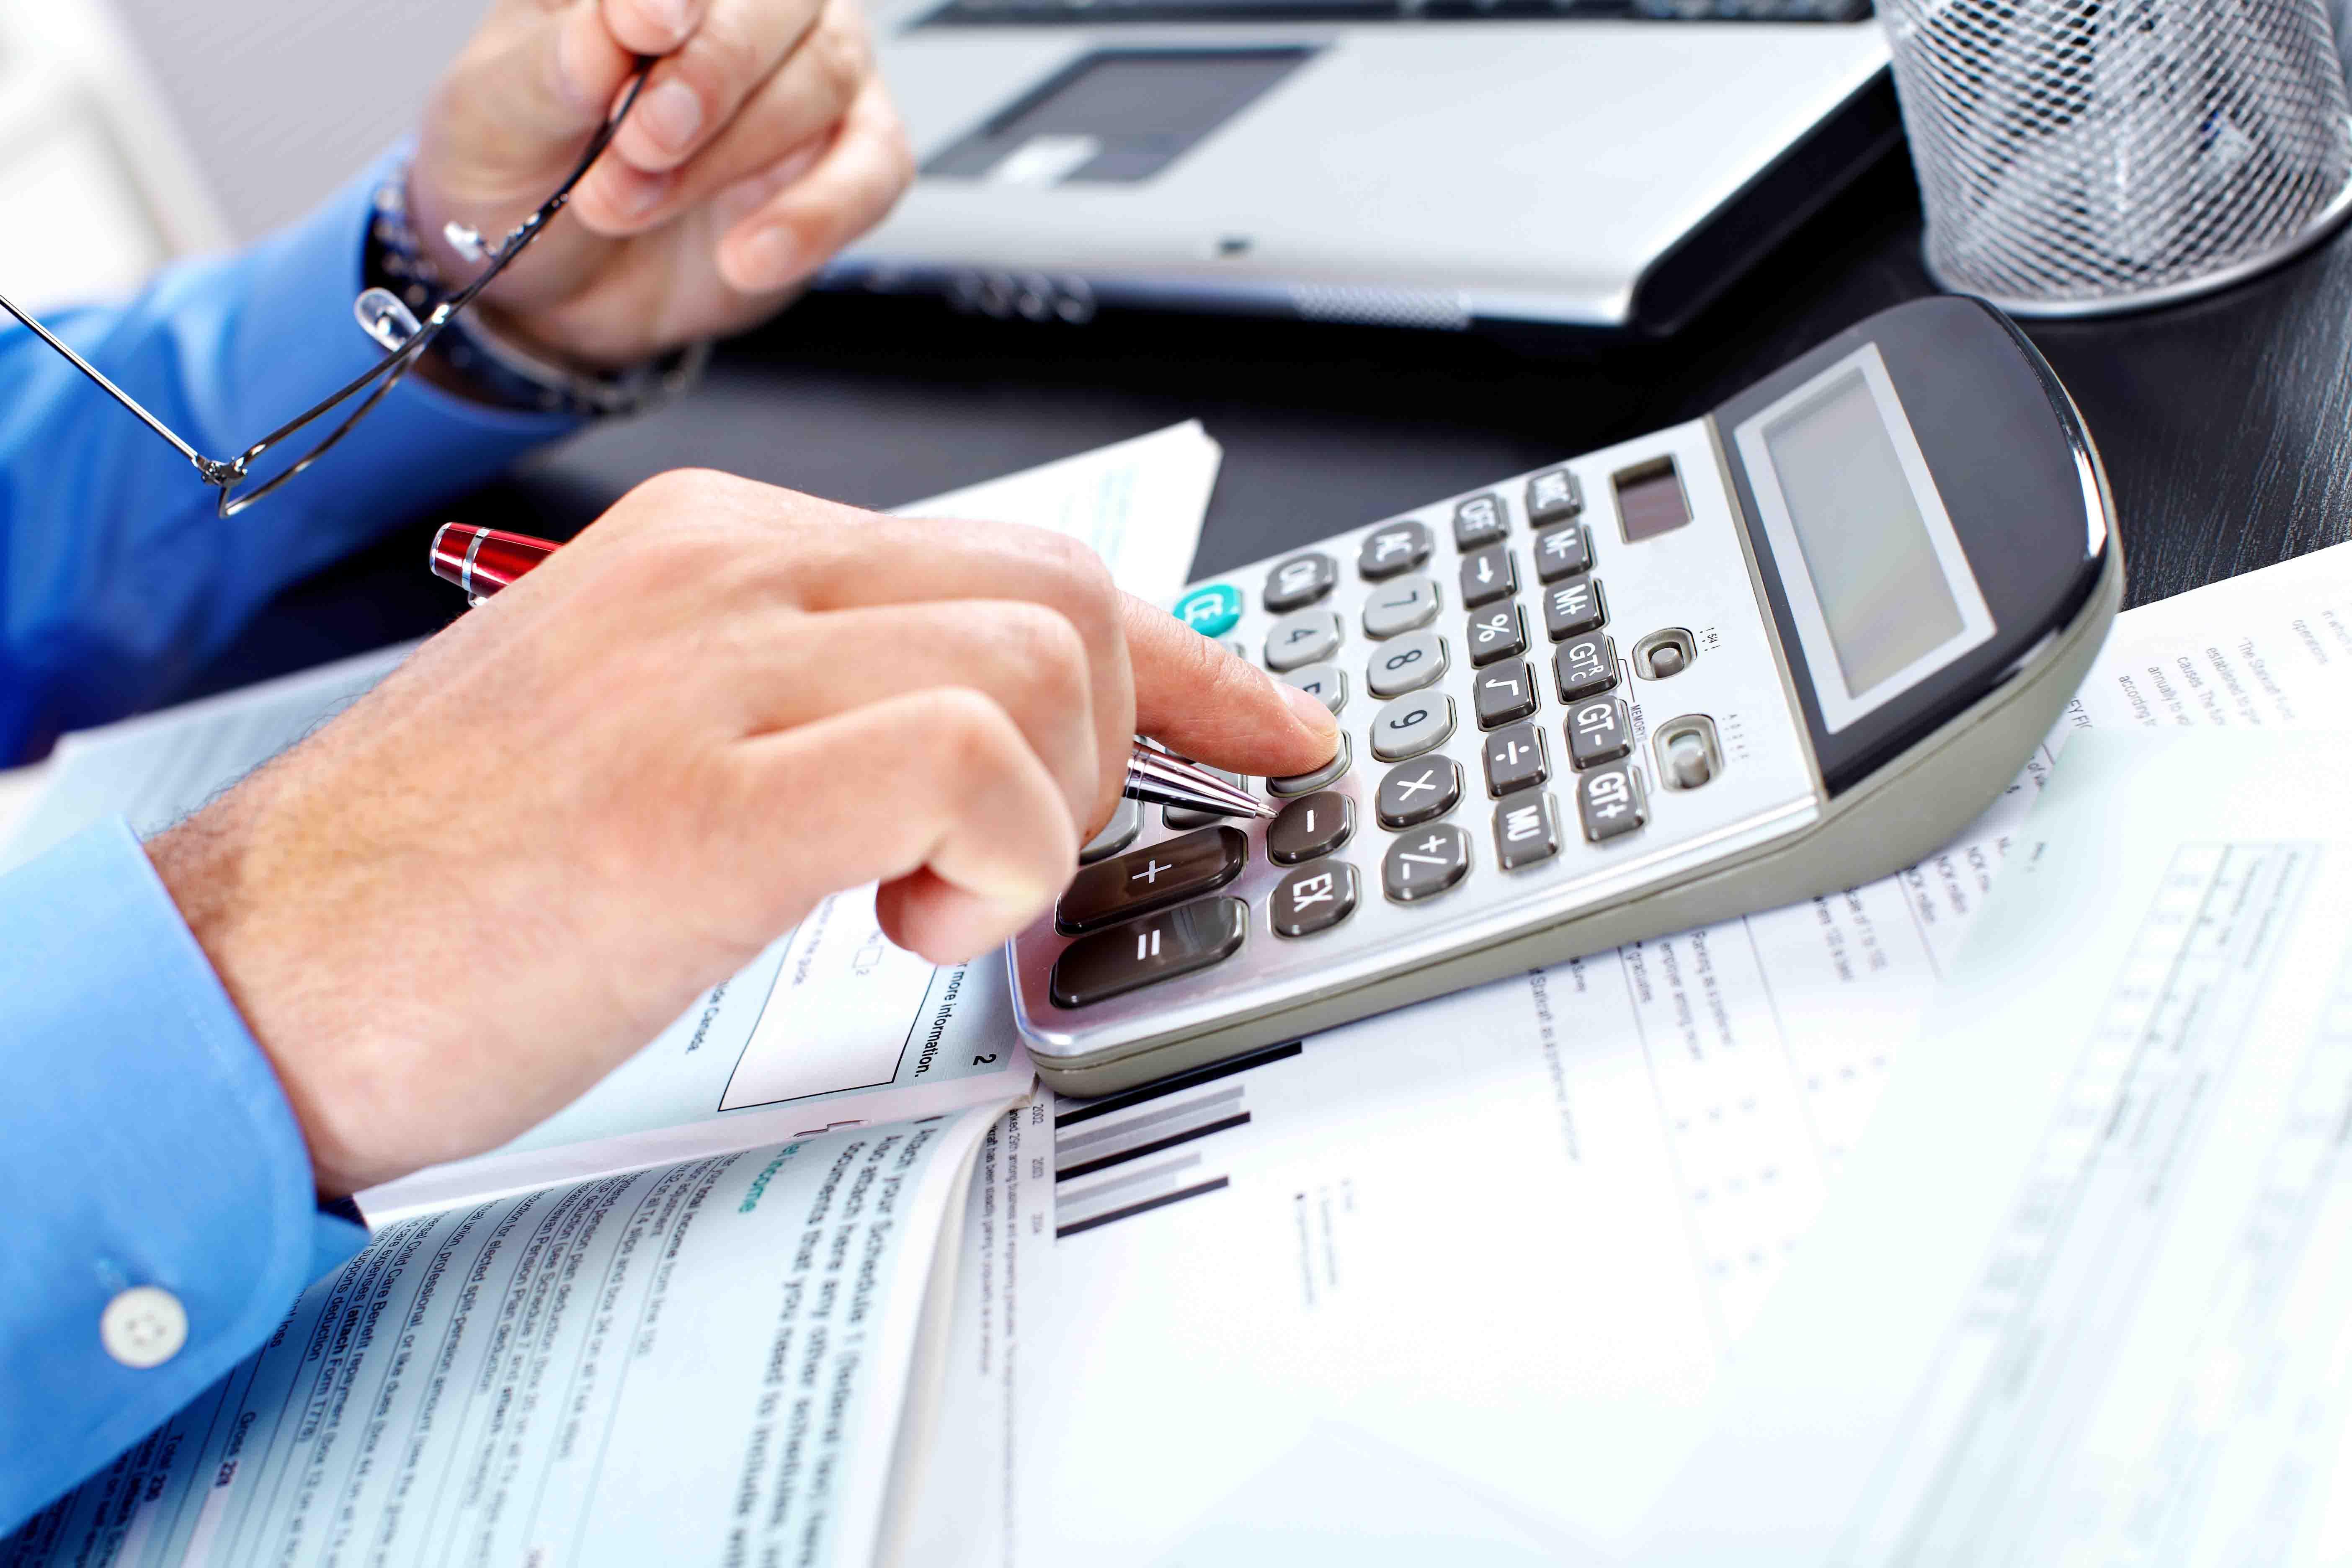 Comptabilité : les raisons pour lesquelles disposer d'un logiciel comptable est important